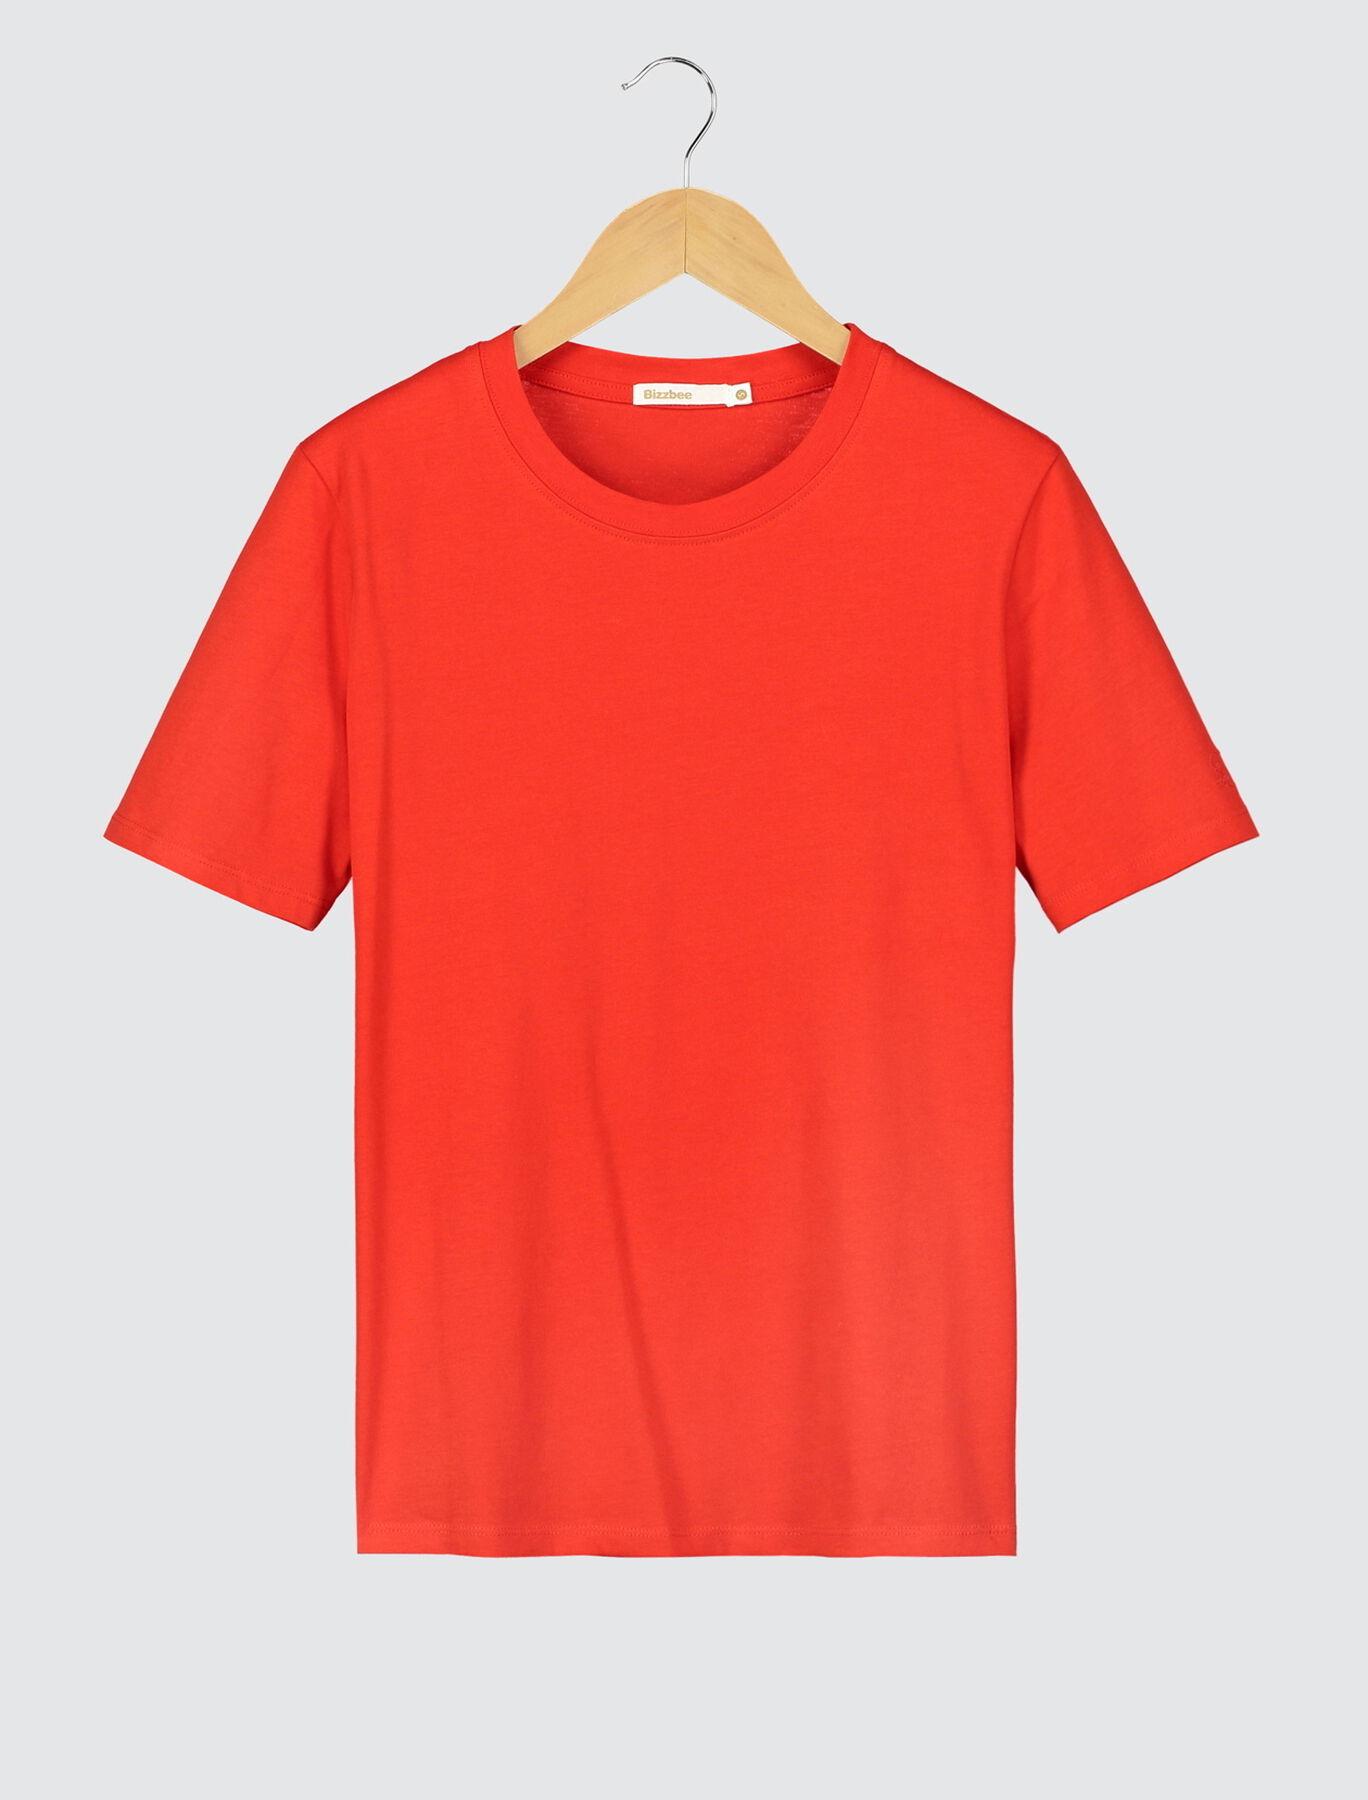 T-shirt coton bio brodé manche